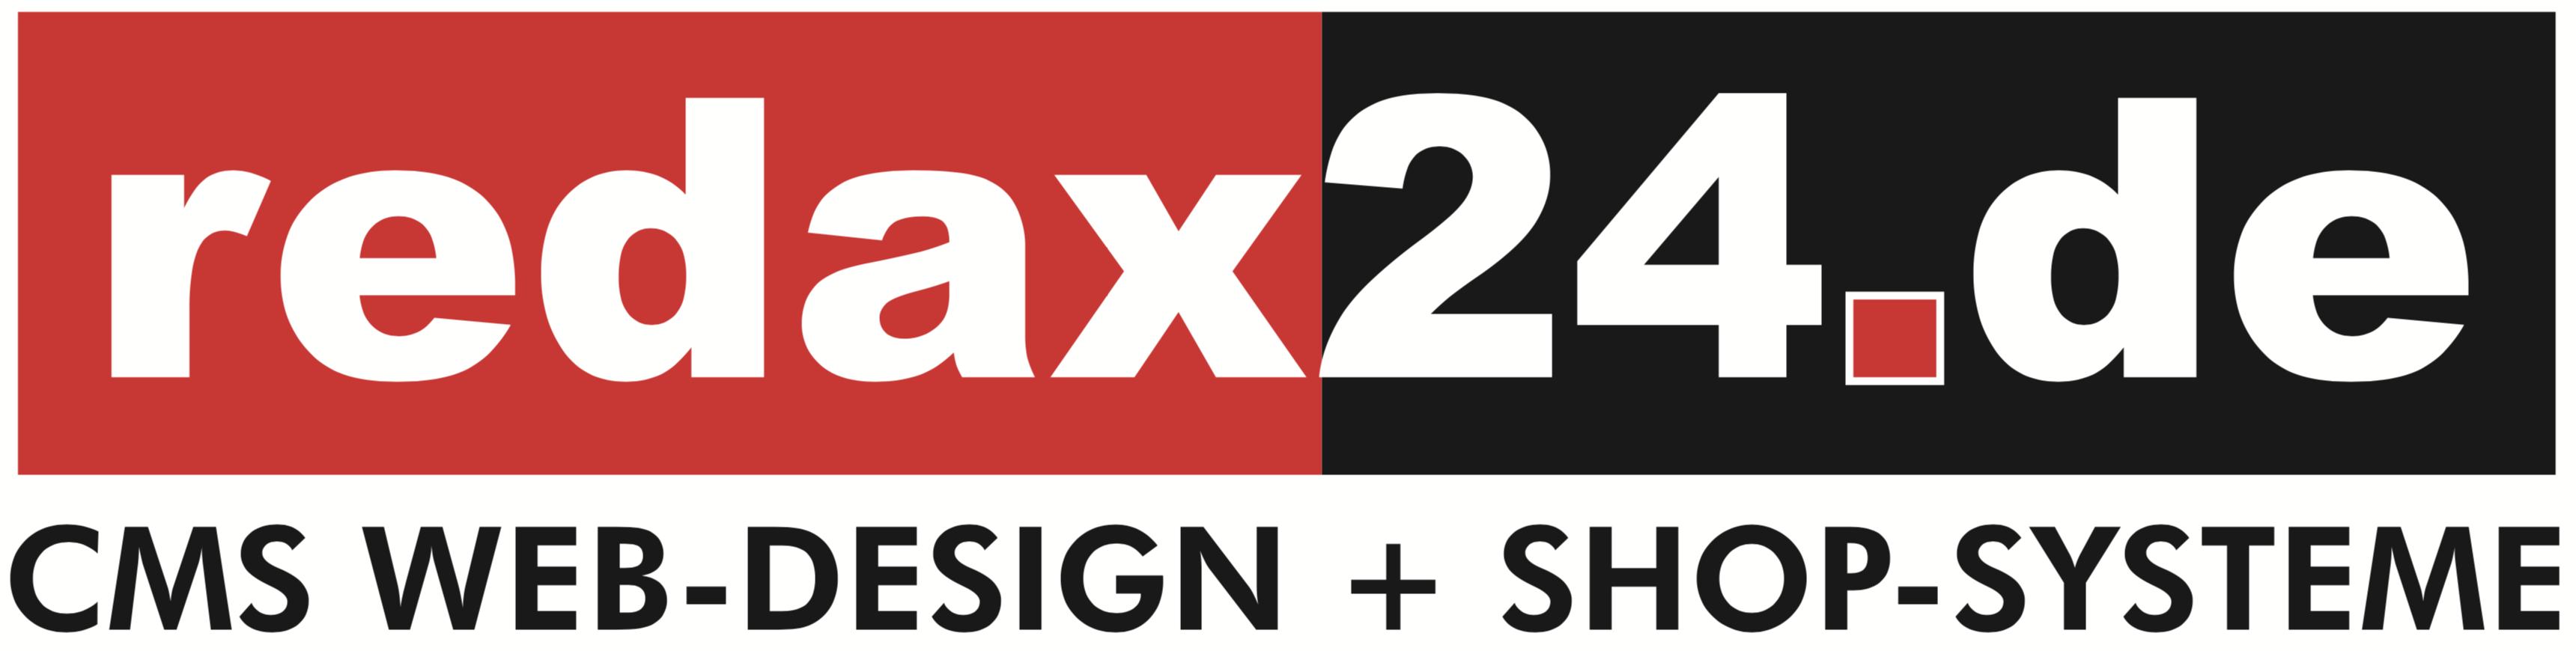 Preise für webseiten mit CMS redax24.de